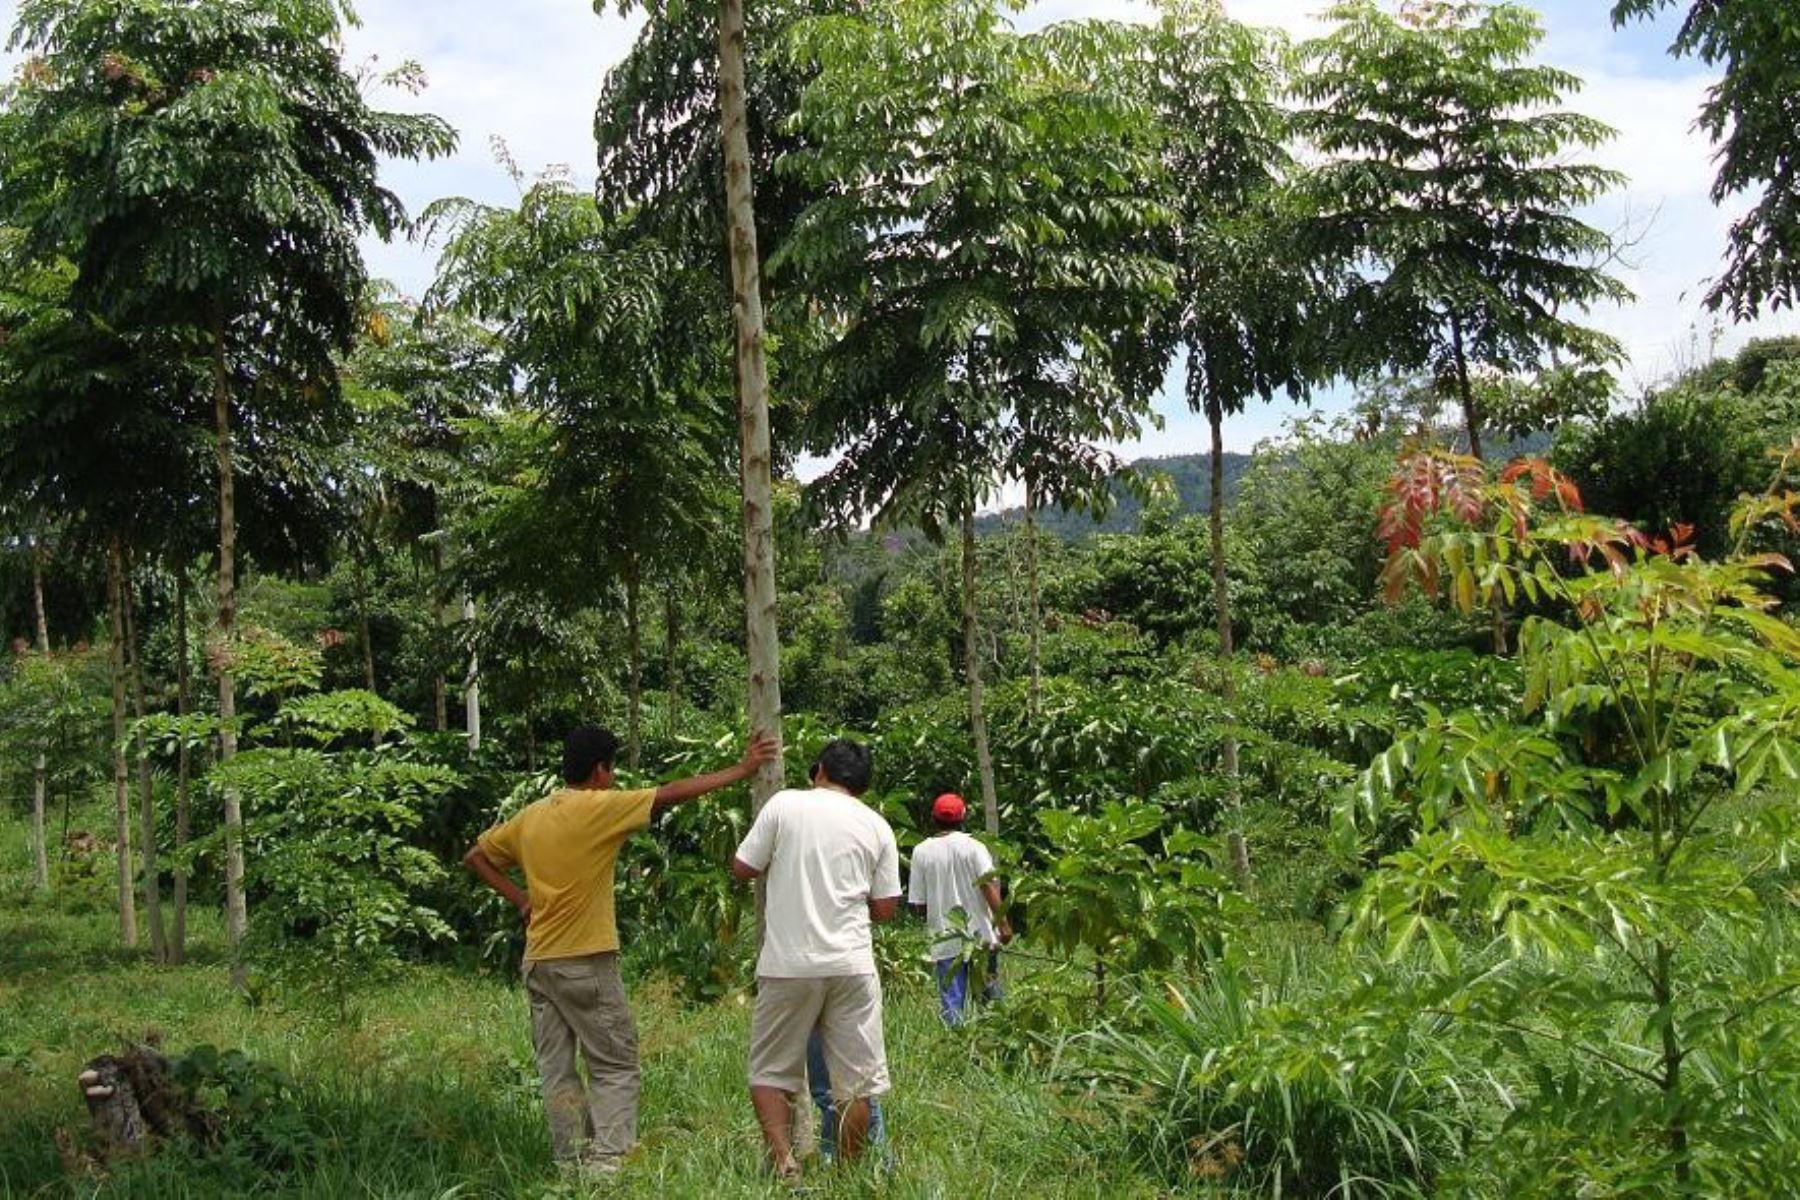 Comunidades indígenas de Madre de Dios reforestarán bosques afectados por la minería informal. ANDINA/Archivo